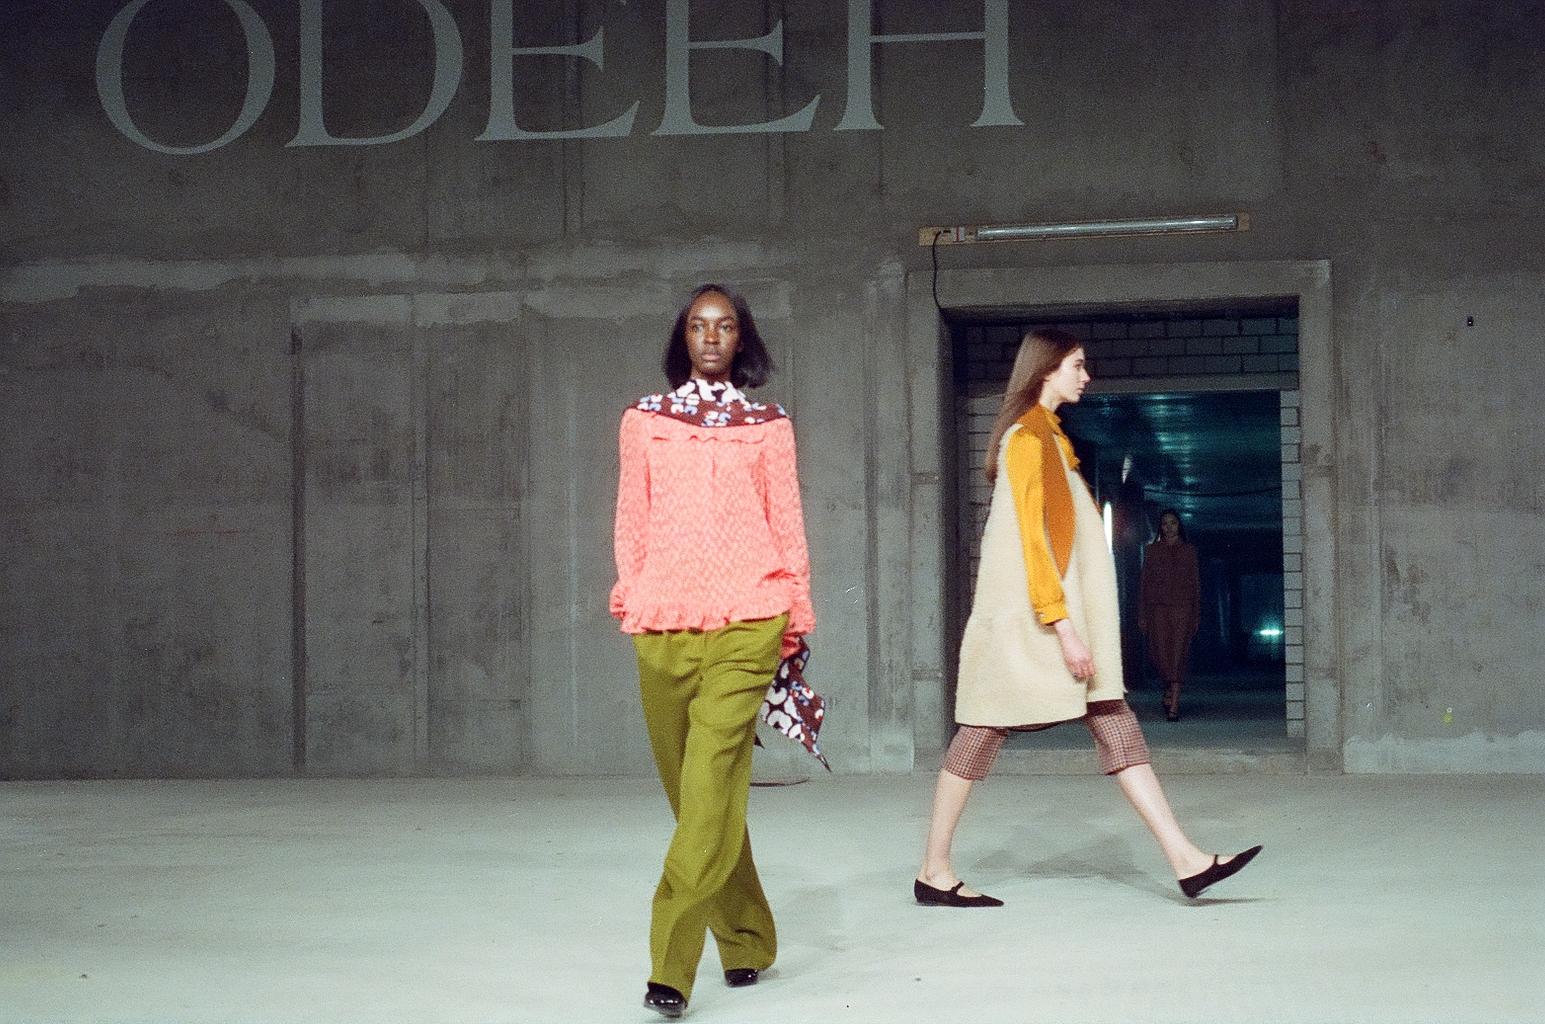 honigschreck_ honigstein _ fashionweek _ odeeh (19).jpg